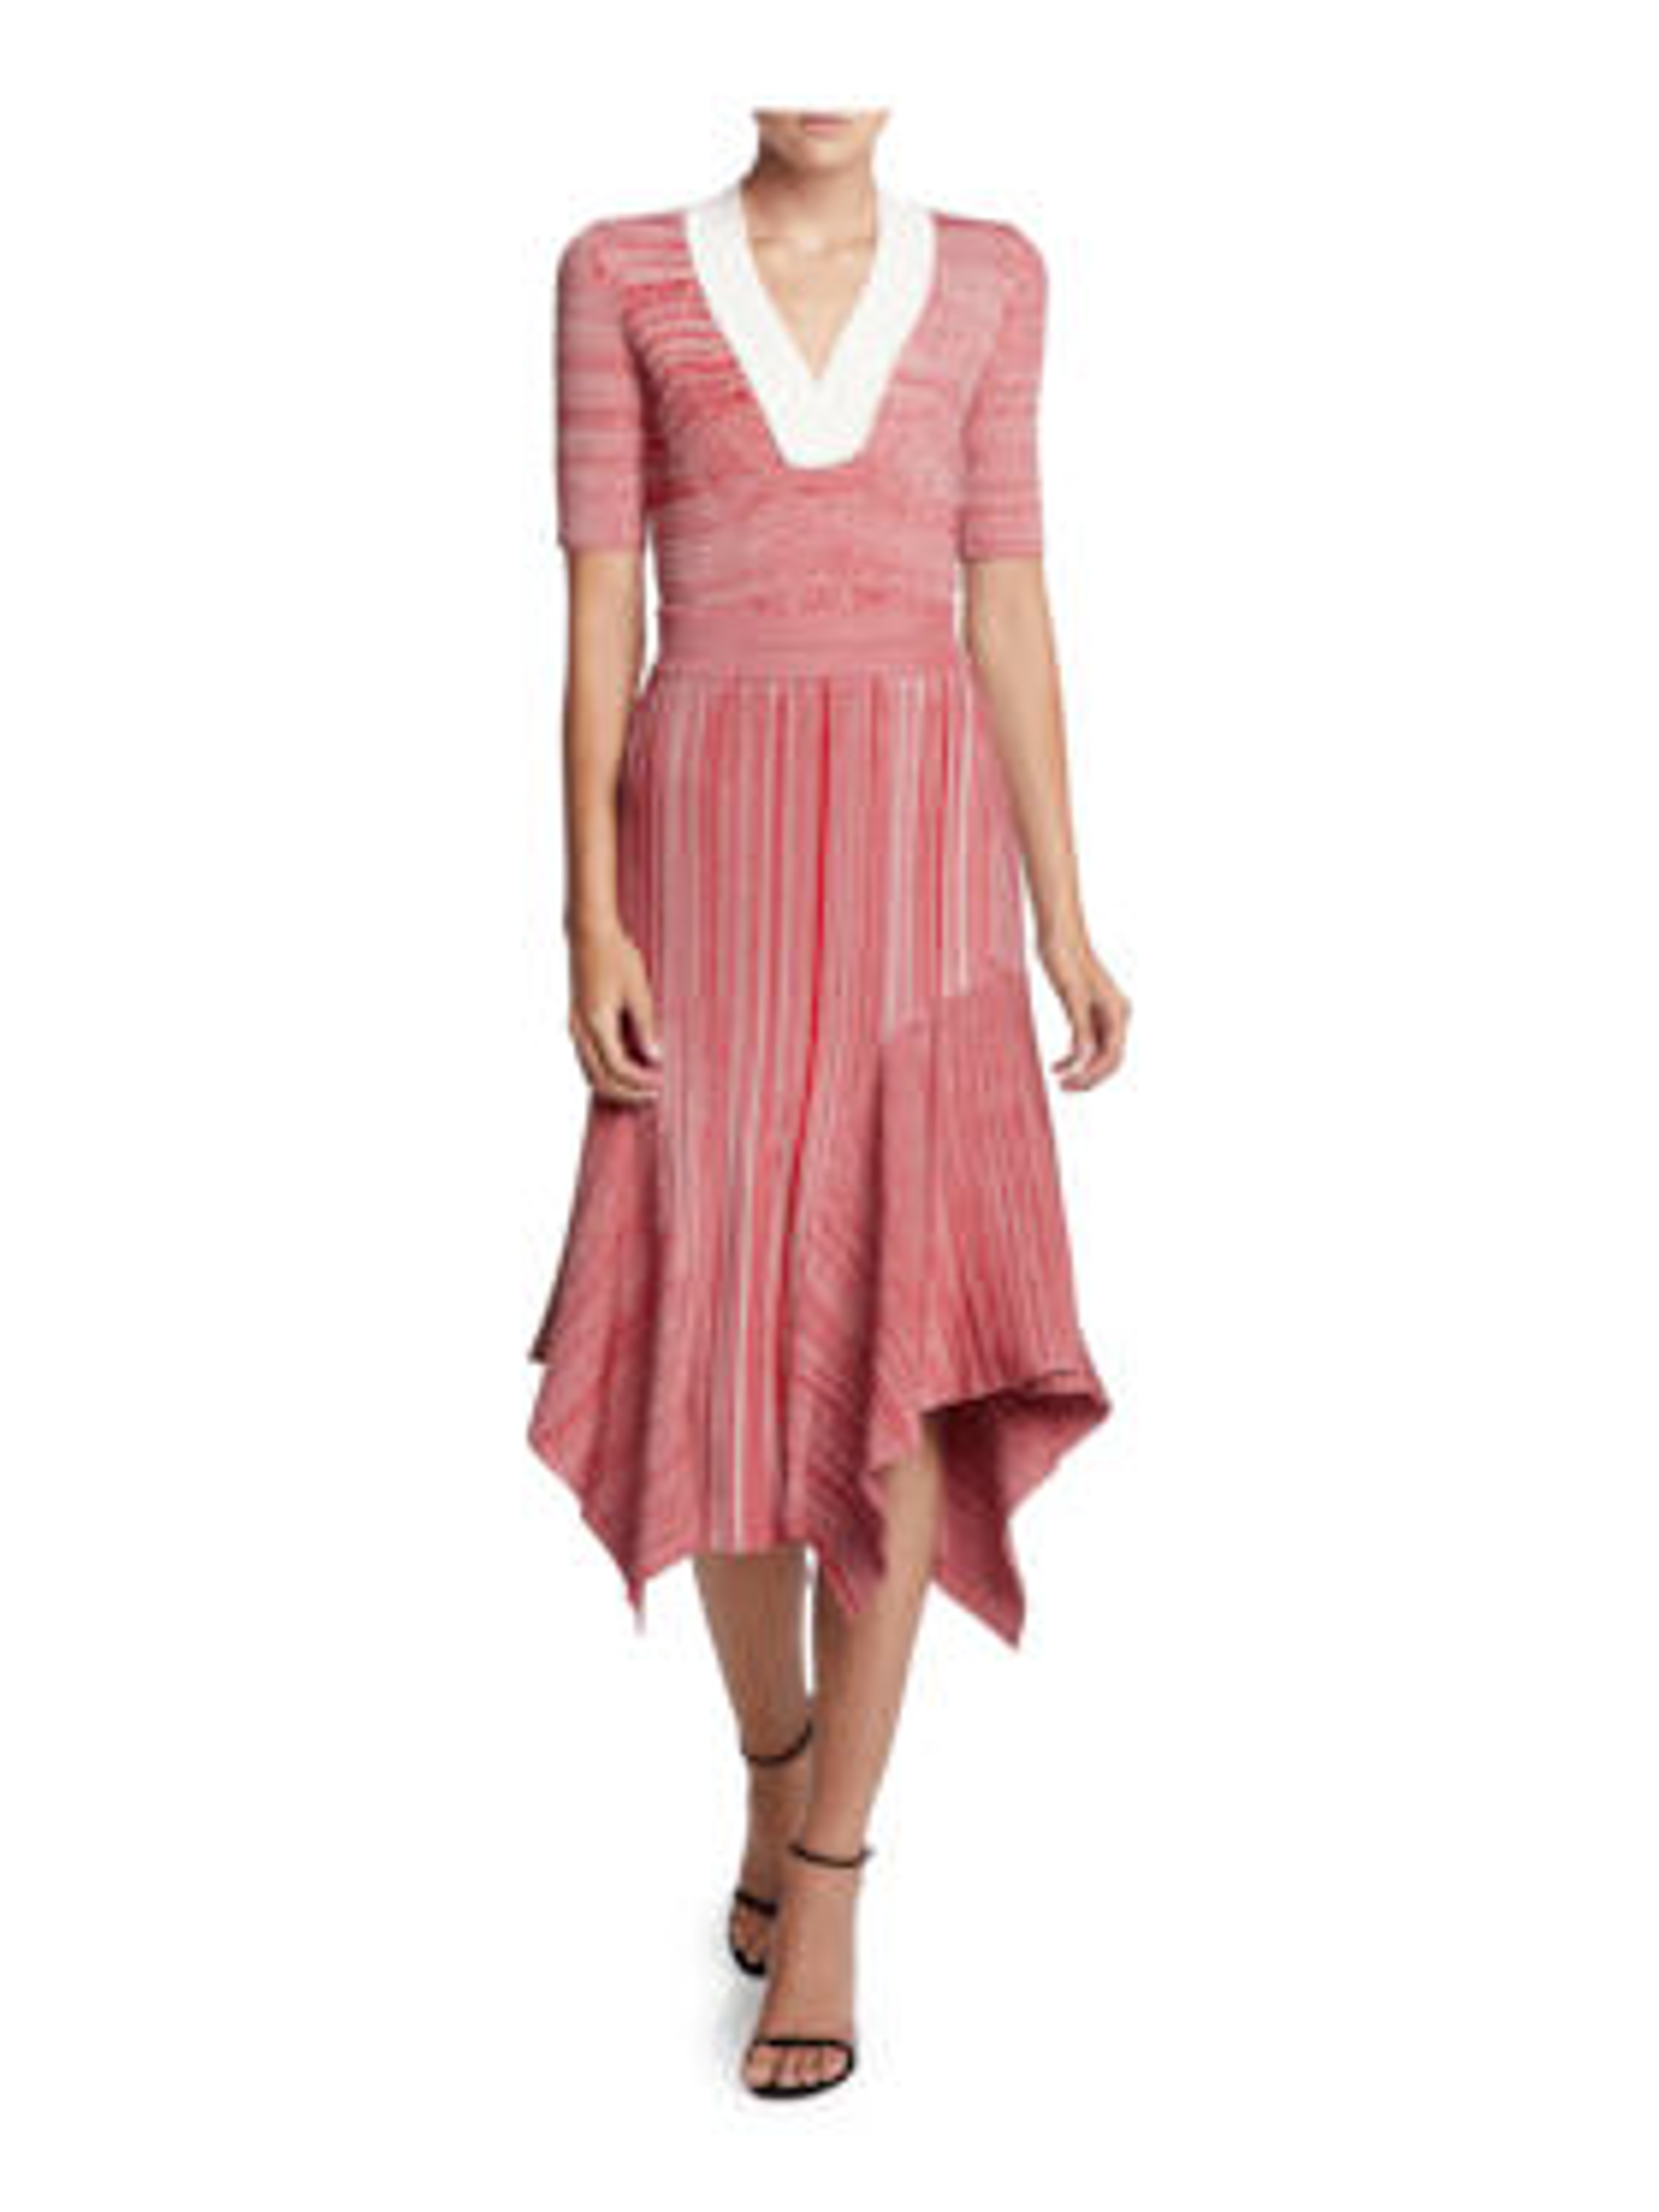 Melange Knit Skirt